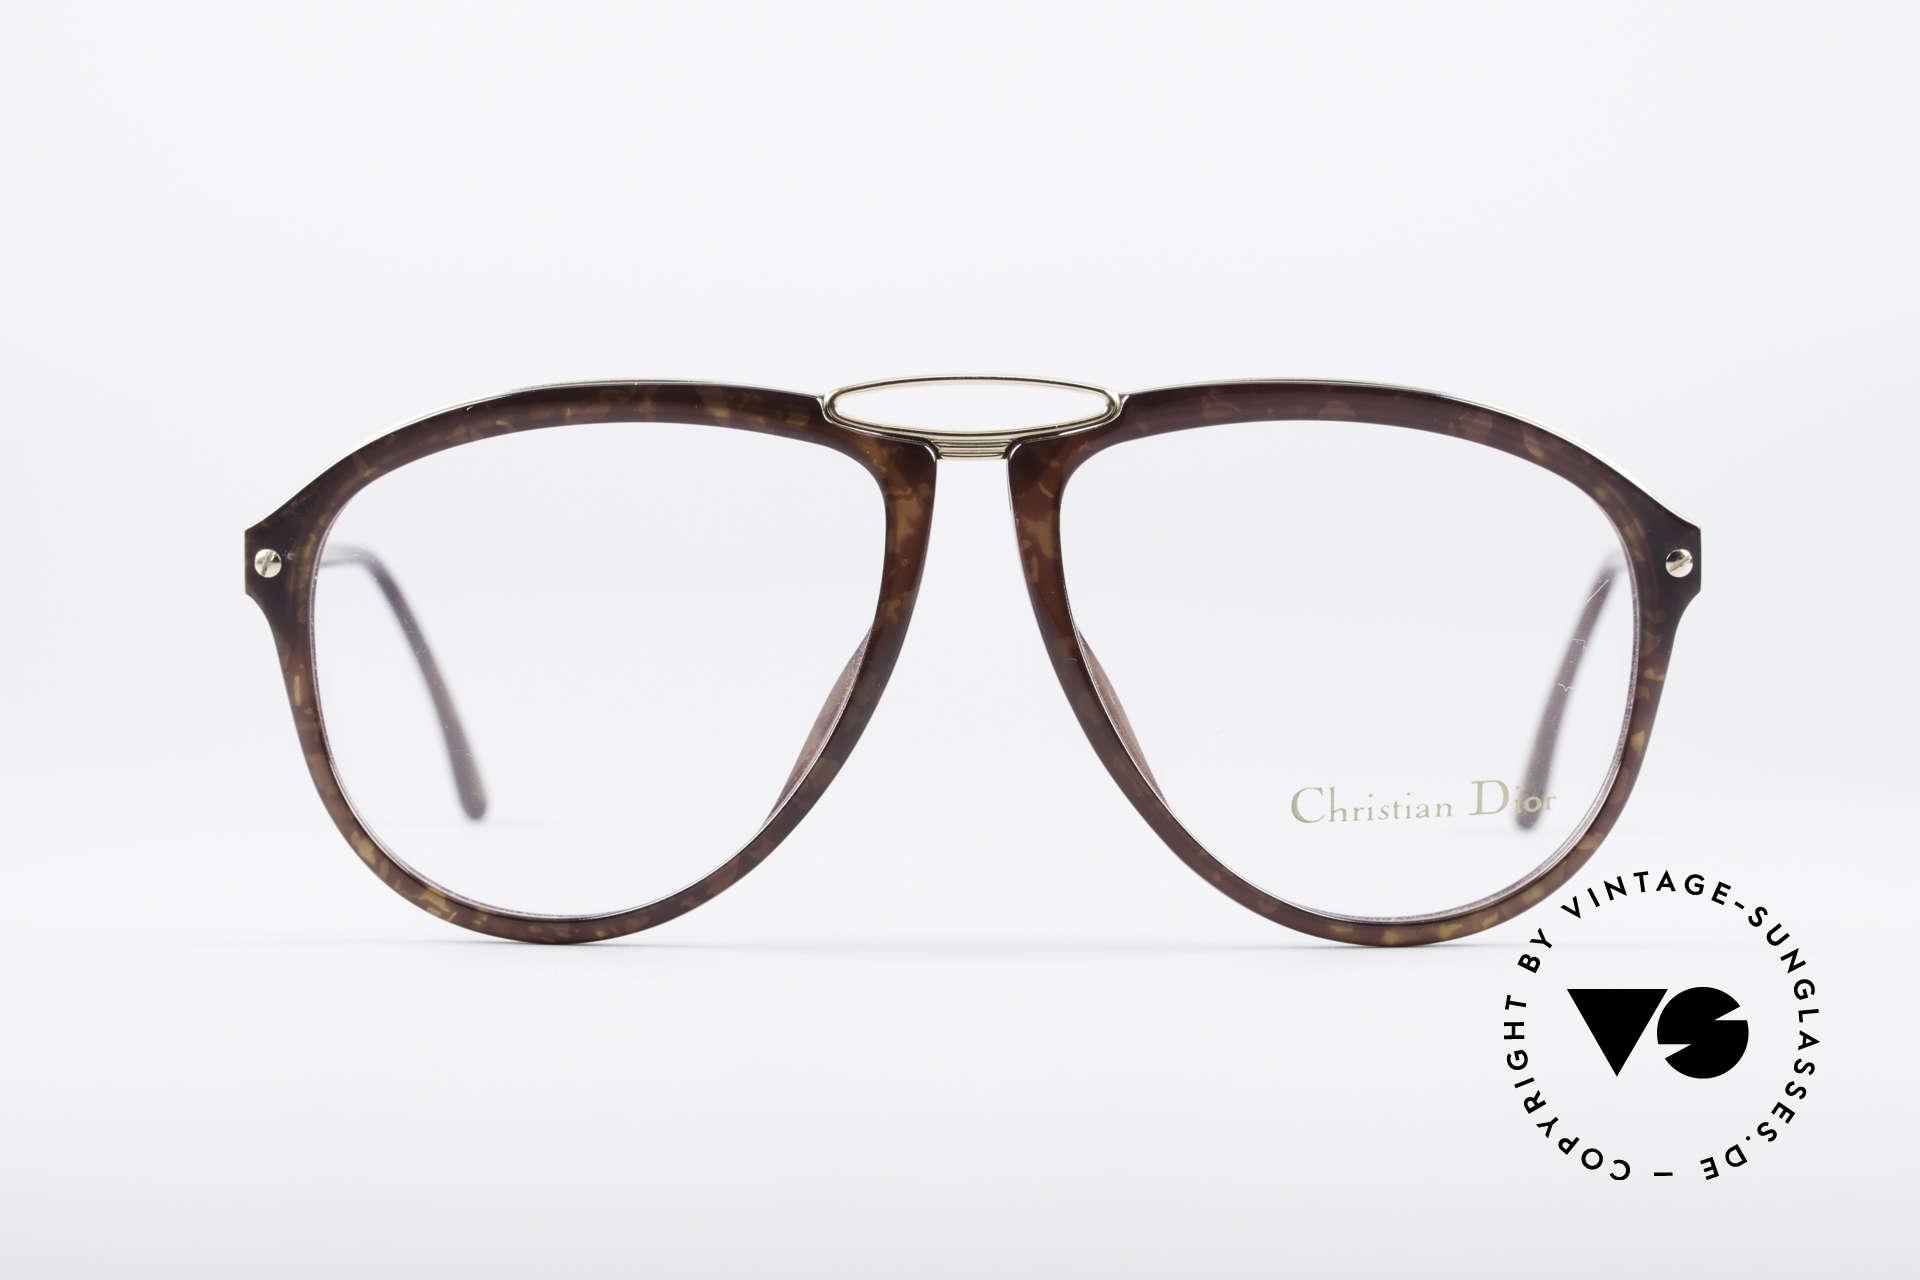 Christian Dior 2523 1980er No Retrobrille, eine echte Alternative zur gewöhnlichen 'Pilotenbrille', Passend für Herren